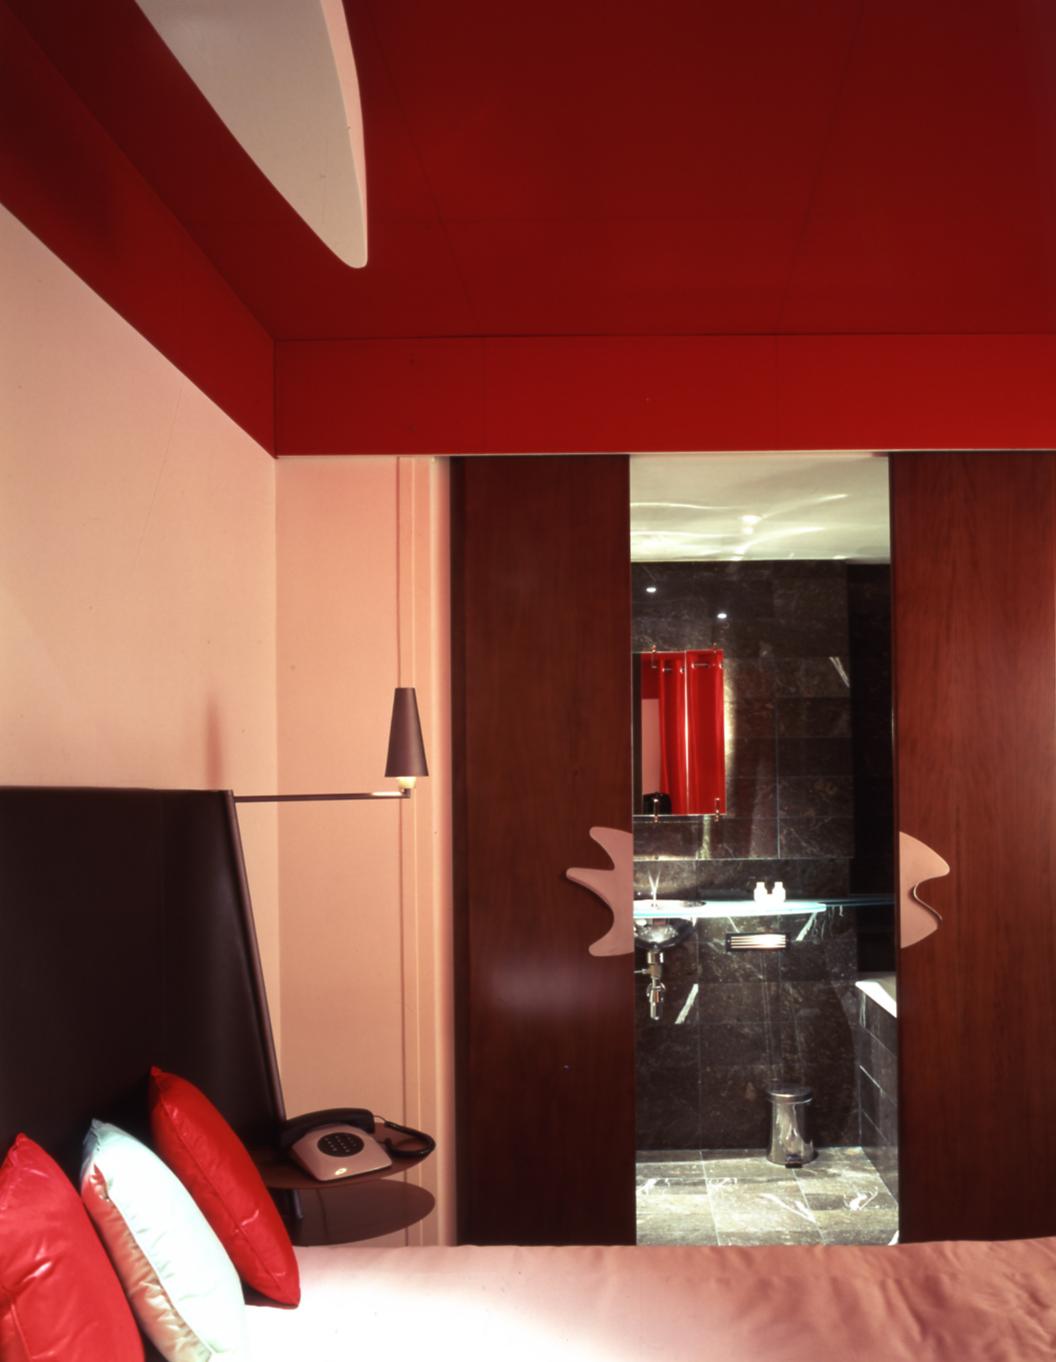 La Villa Red Room.jpg 2013-9-23-12:59:25